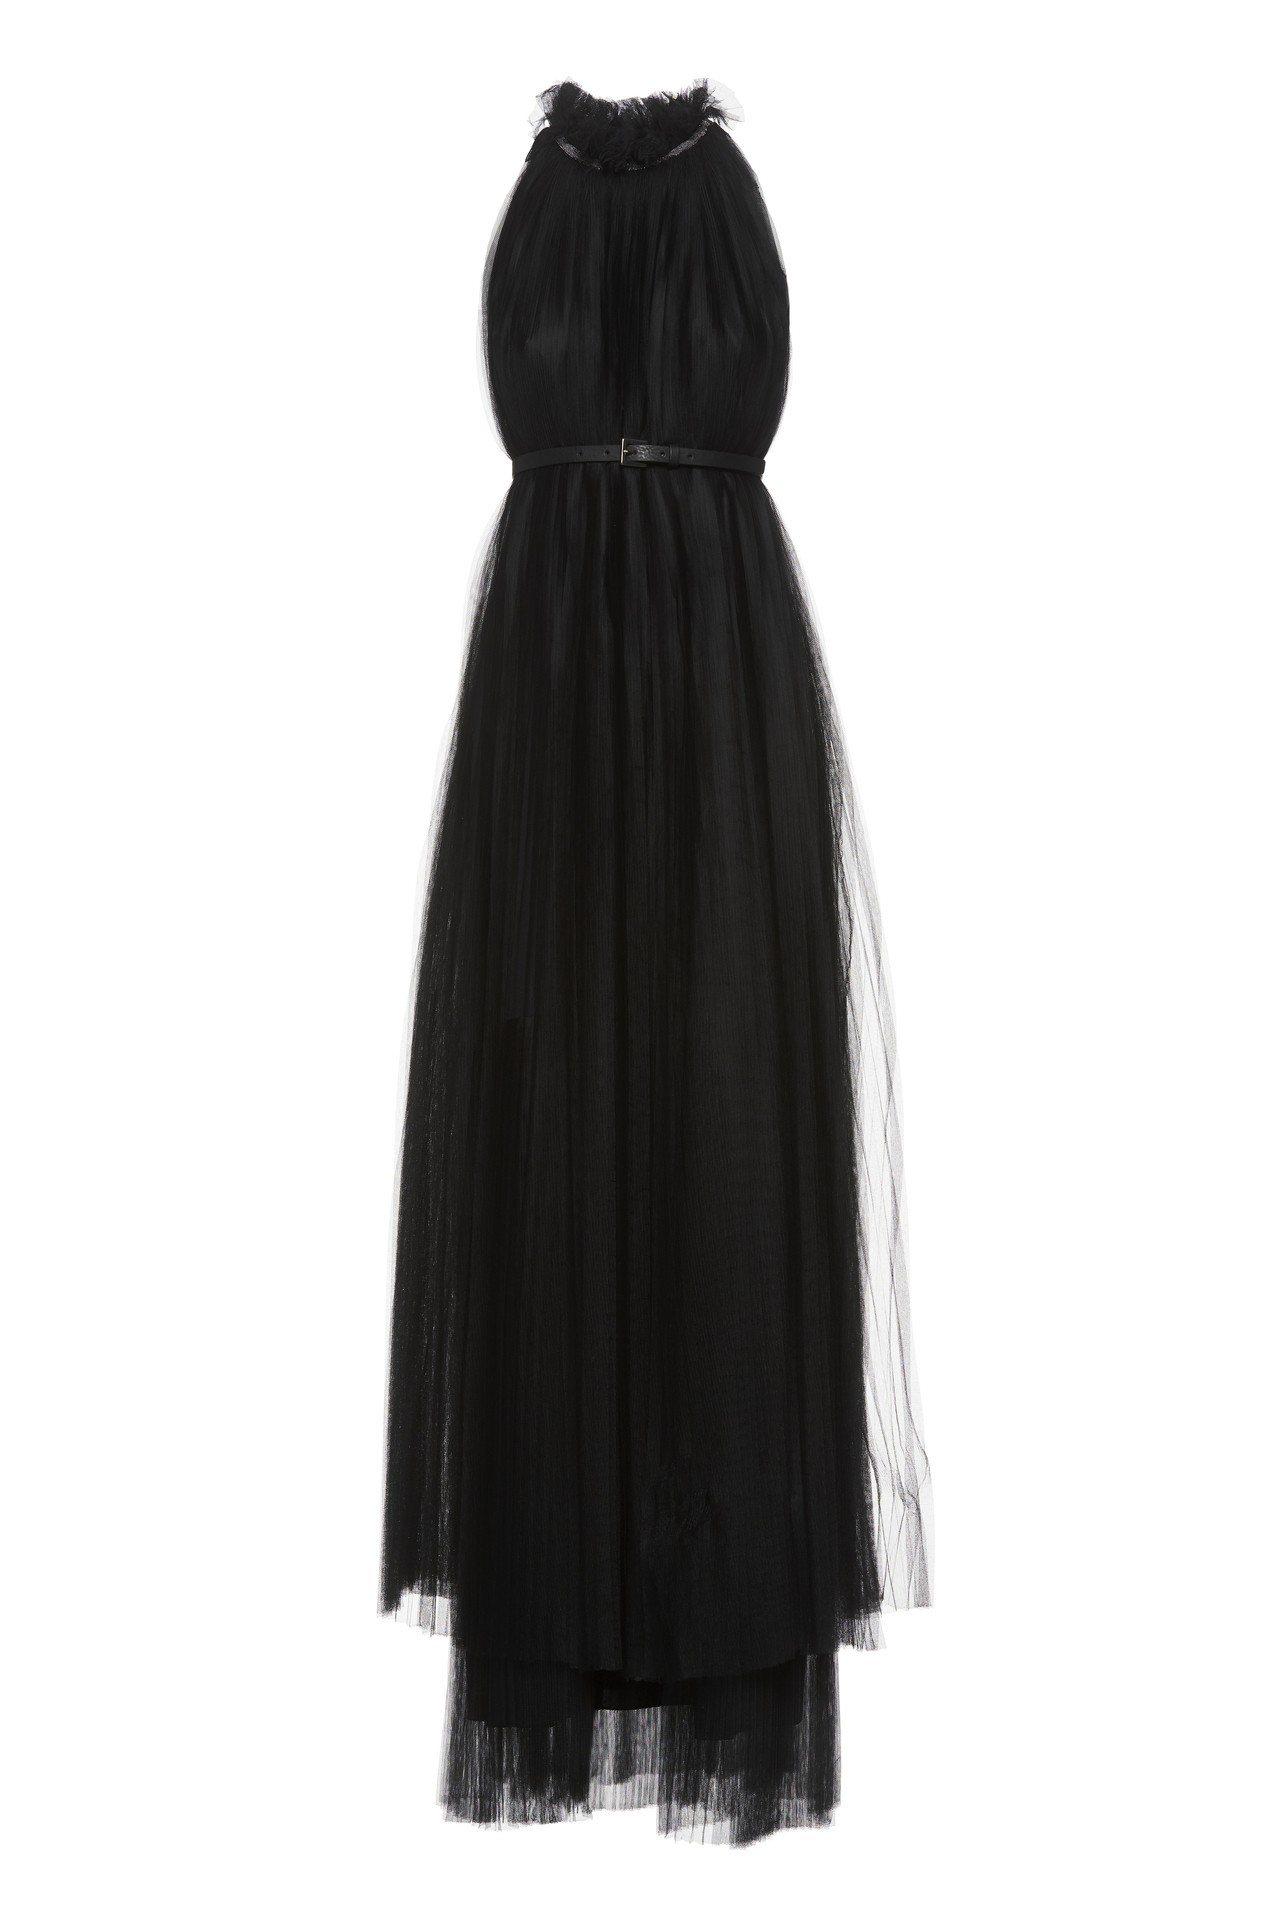 Fabiana Filippi秋冬系列黑色褶襉連衣裙附腰帶,約52,200元。圖...